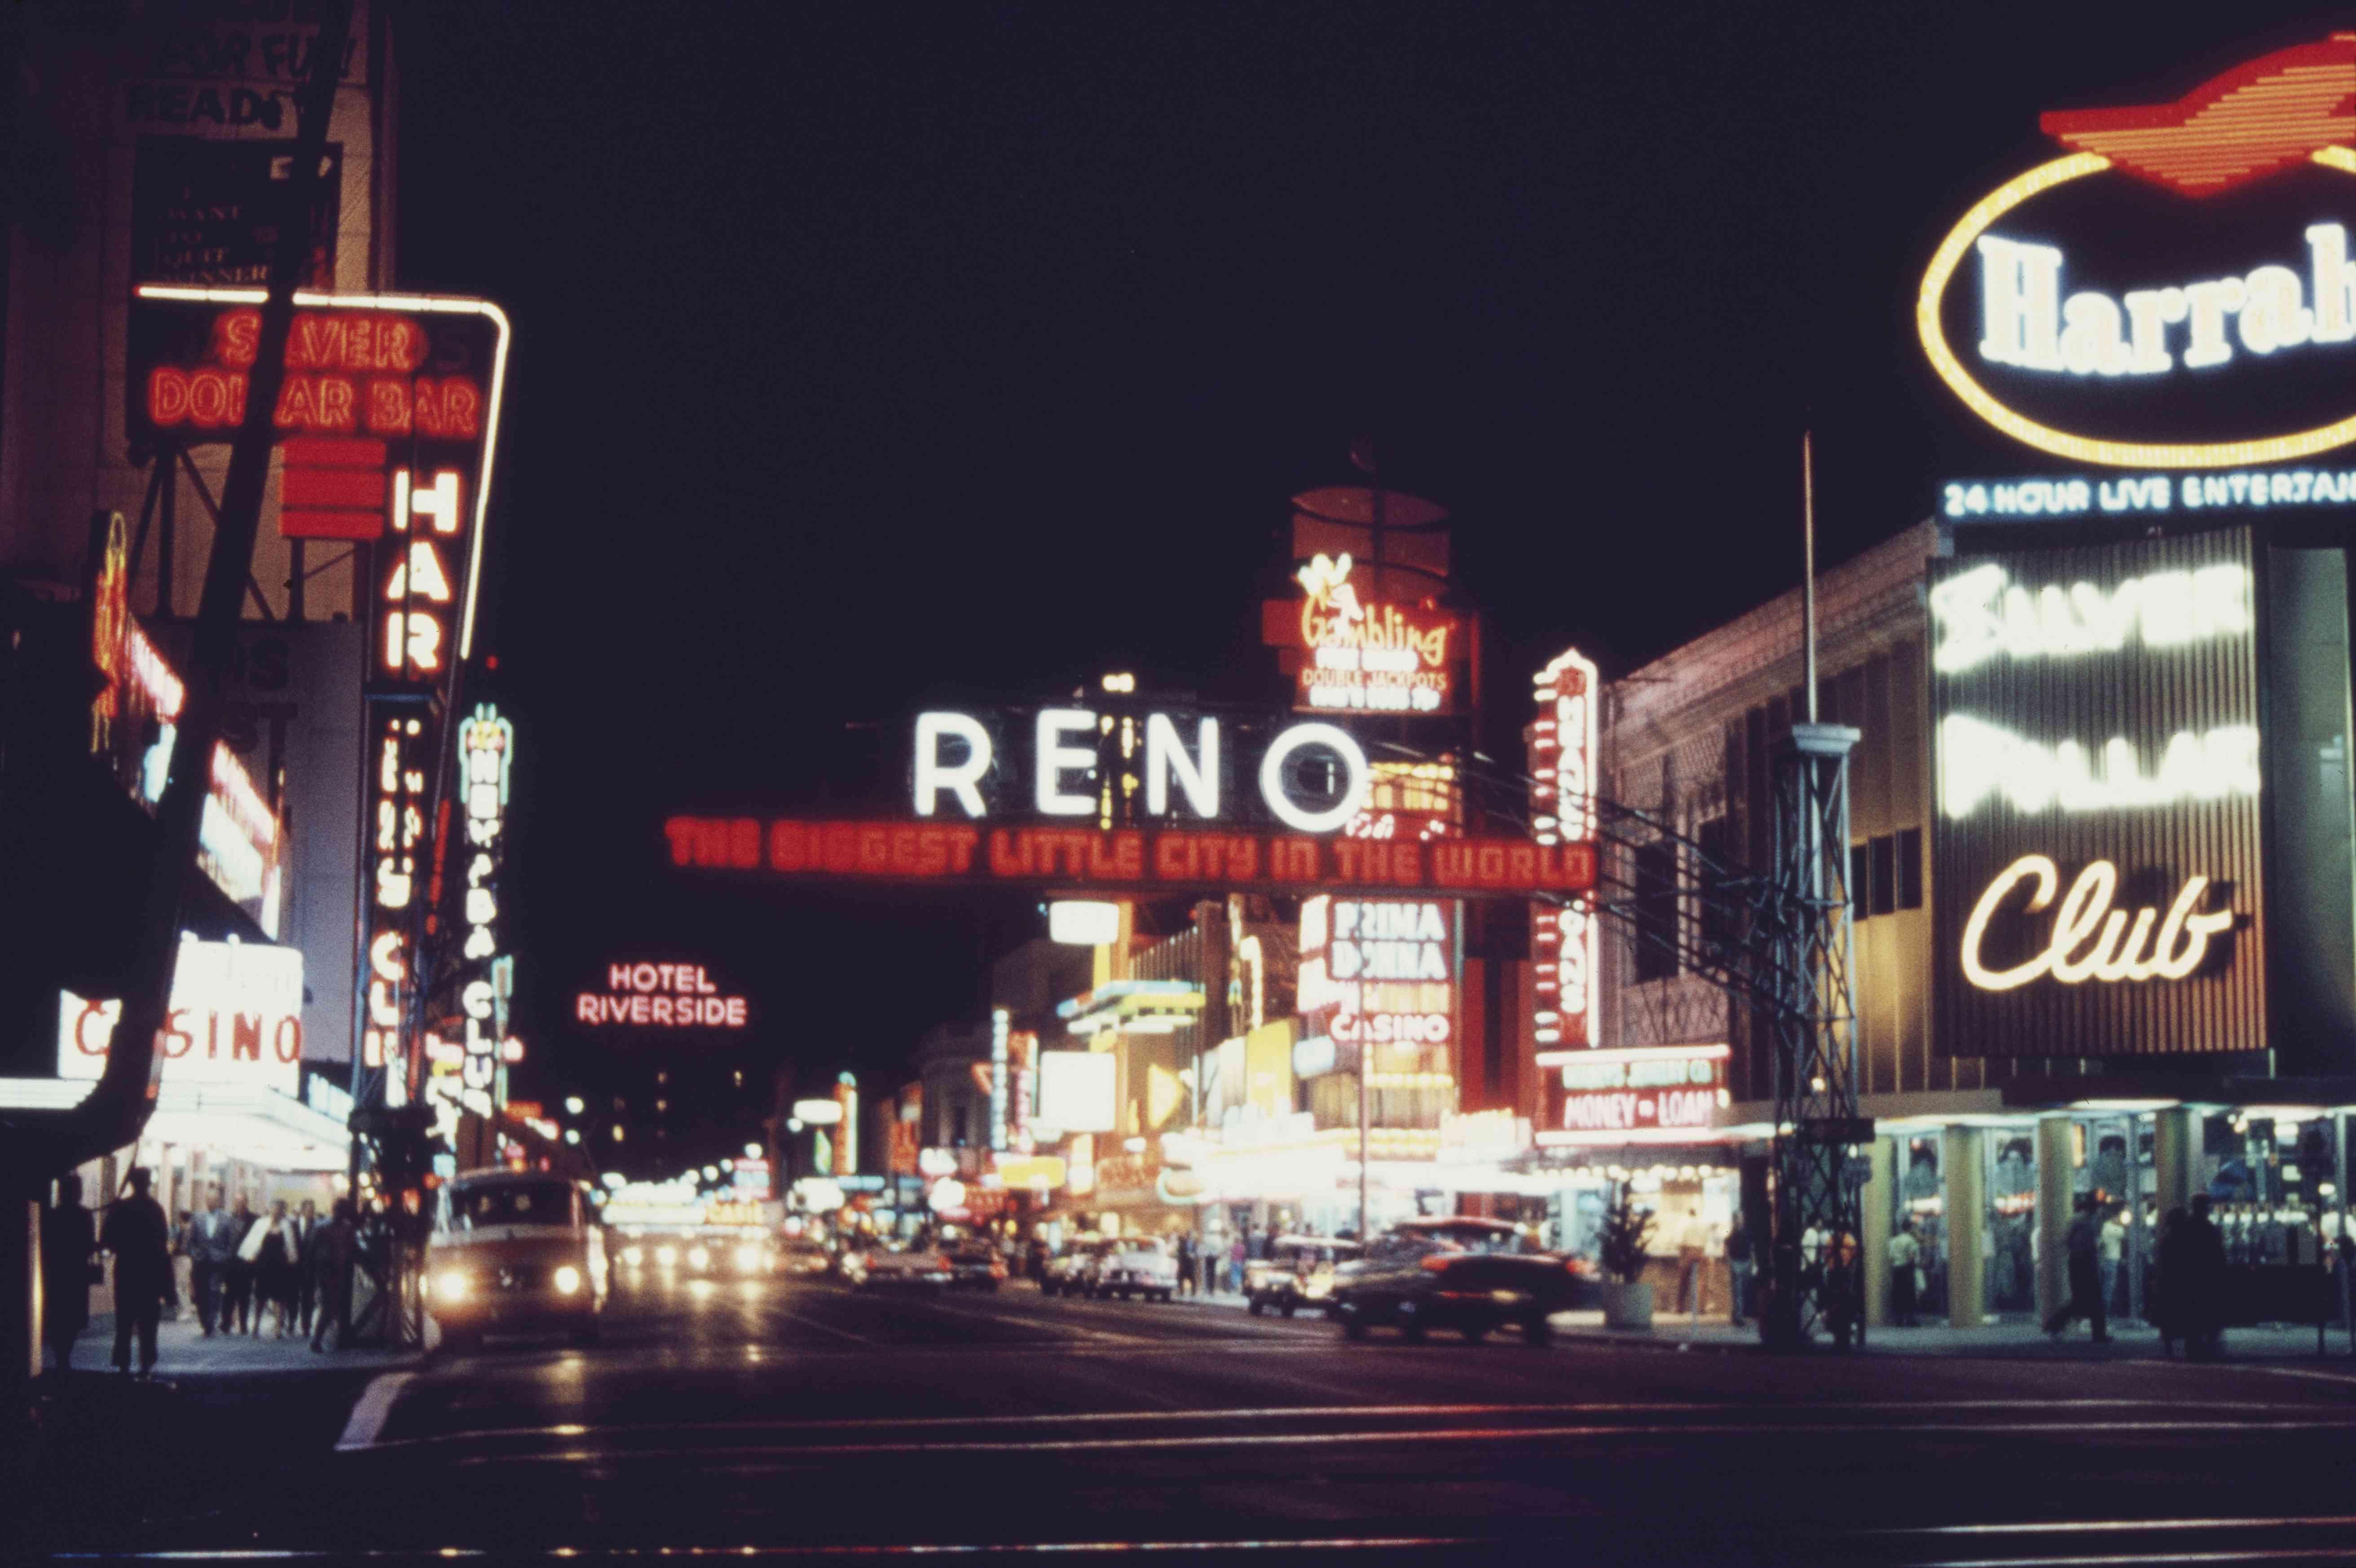 Reno, Nevada en la noche con letreros de neón que iluminan una calle oscura